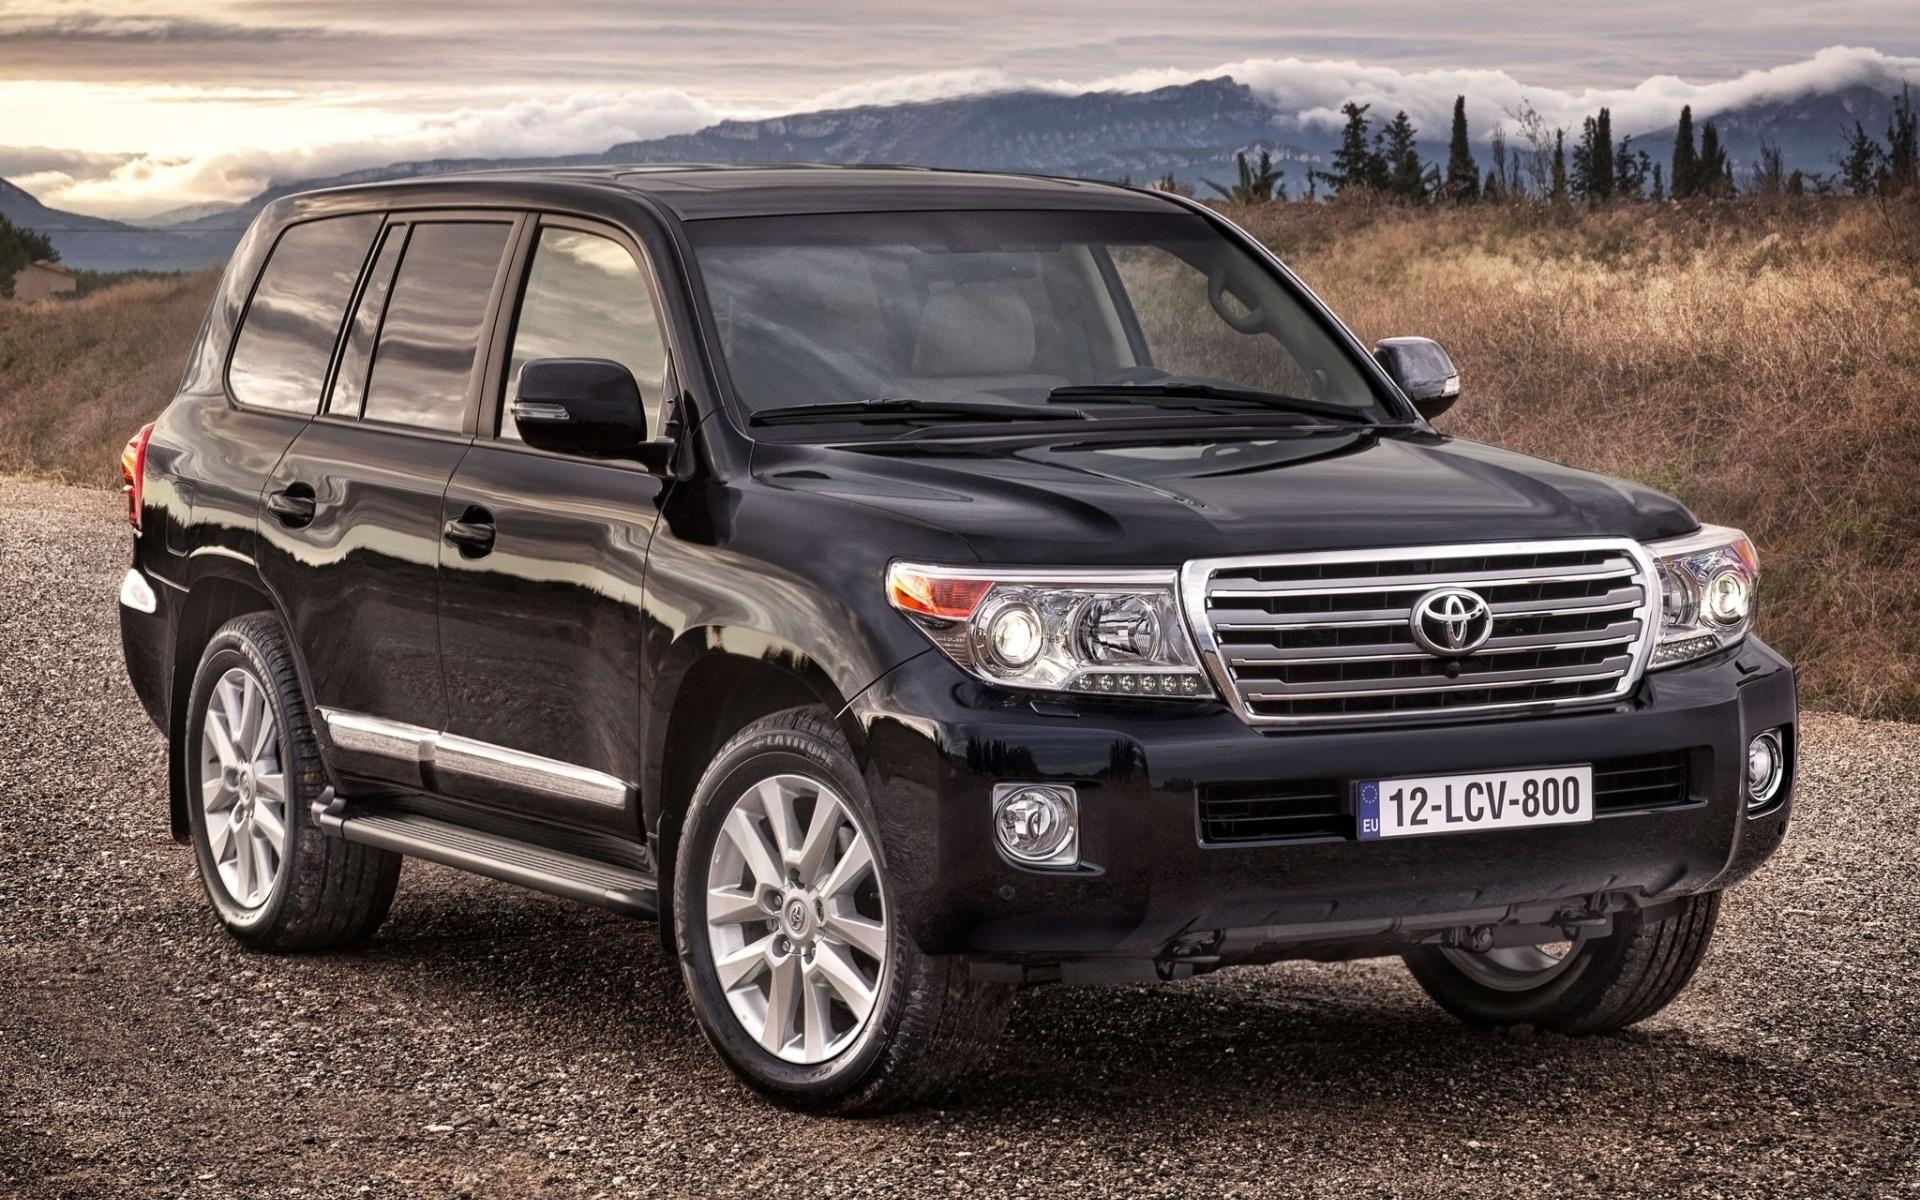 7 местные автомобили Toyota Land Cruiser 200